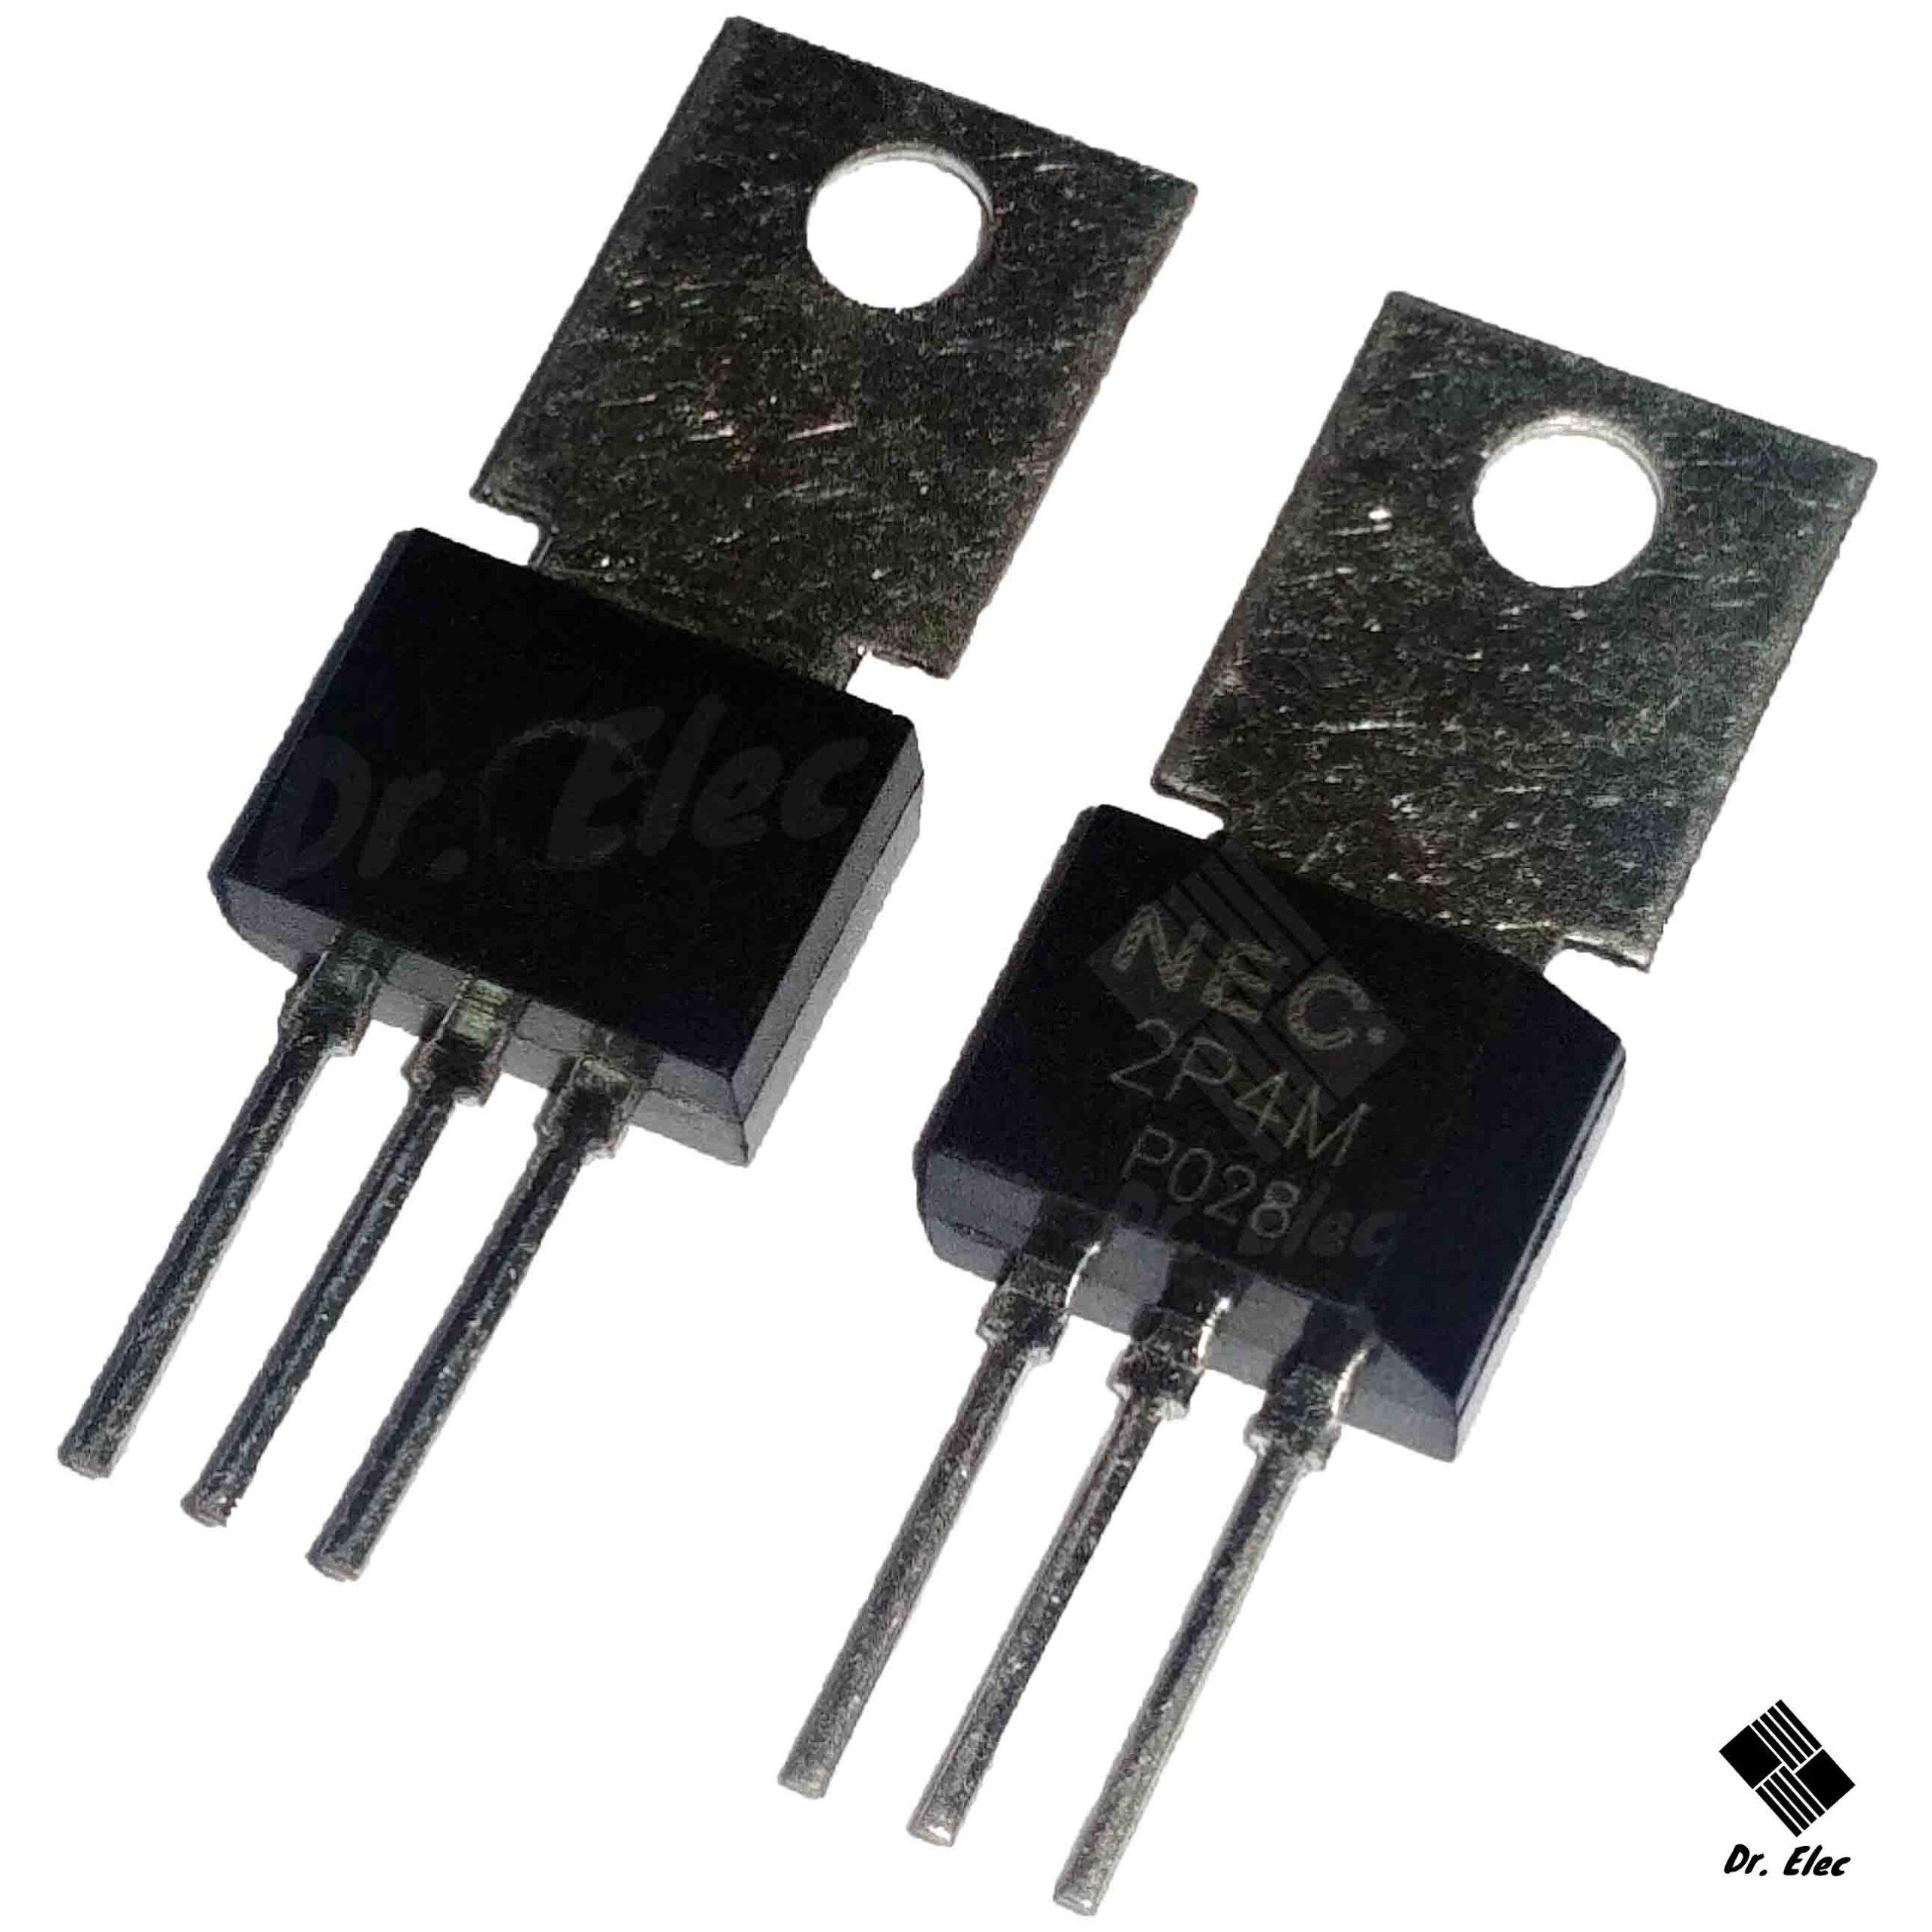 ترانزیستور 2p4m تریستور 2p4m